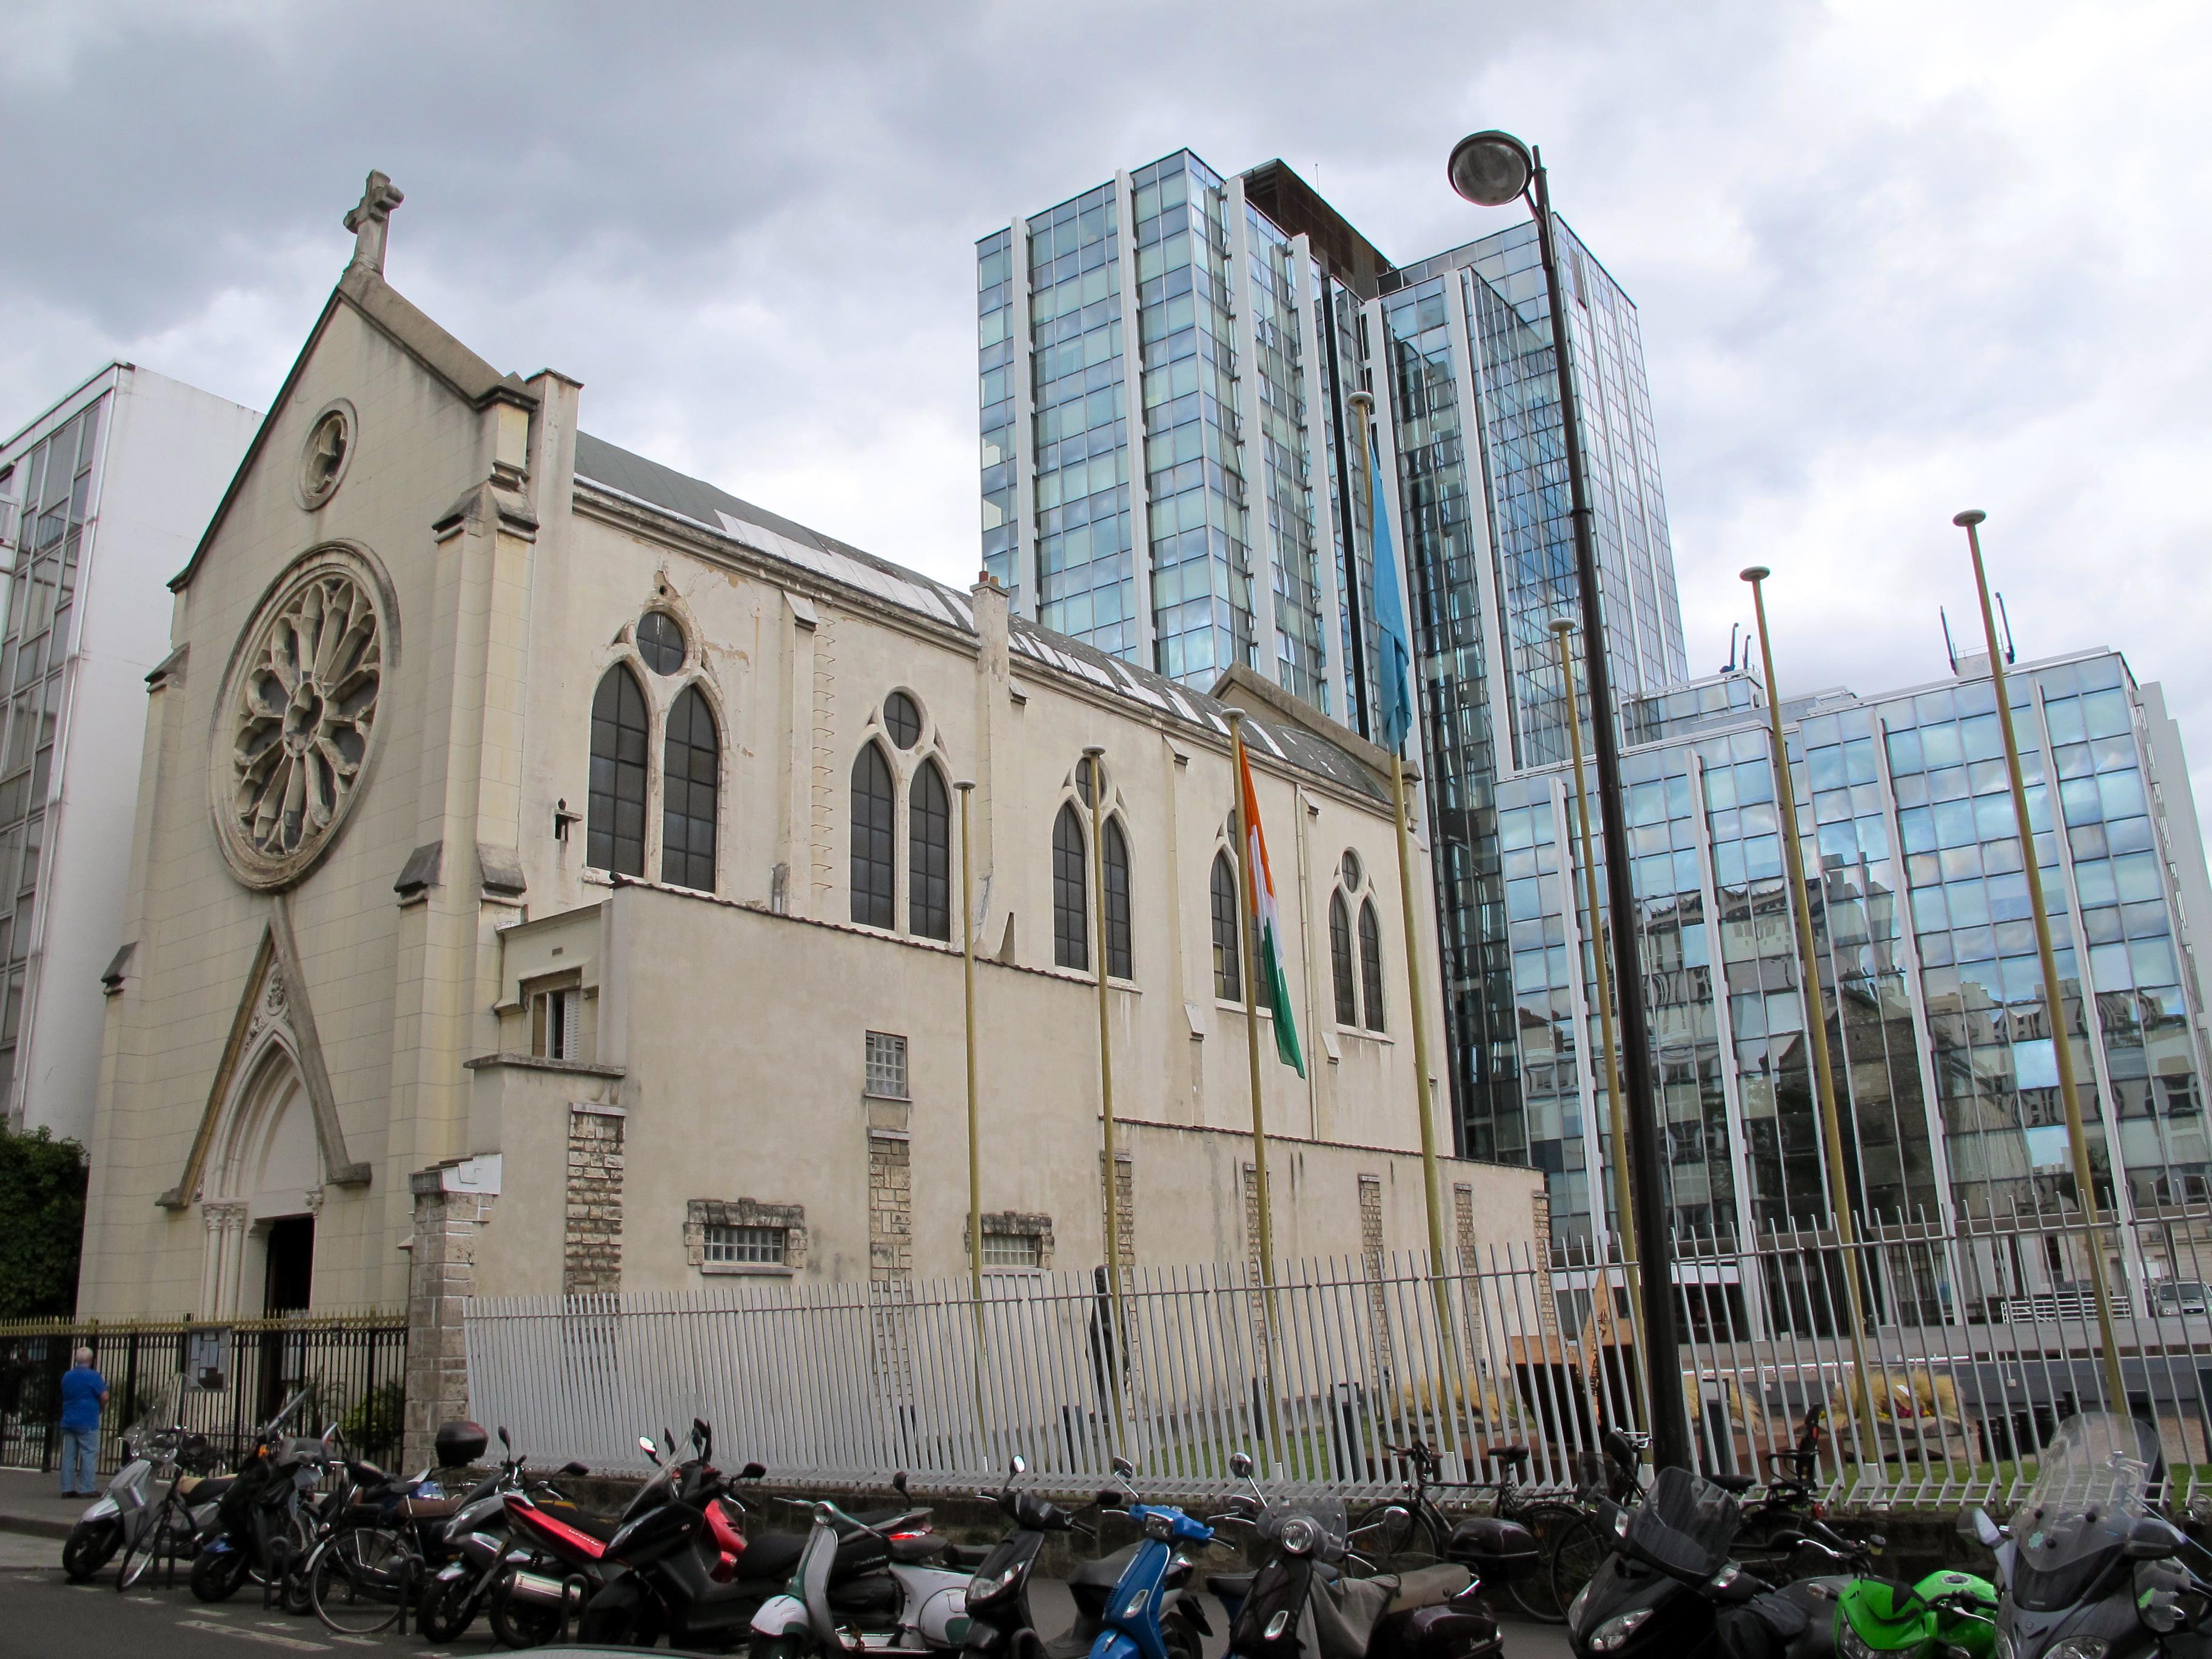 Sainte-Rita, patronne des recours désespérés